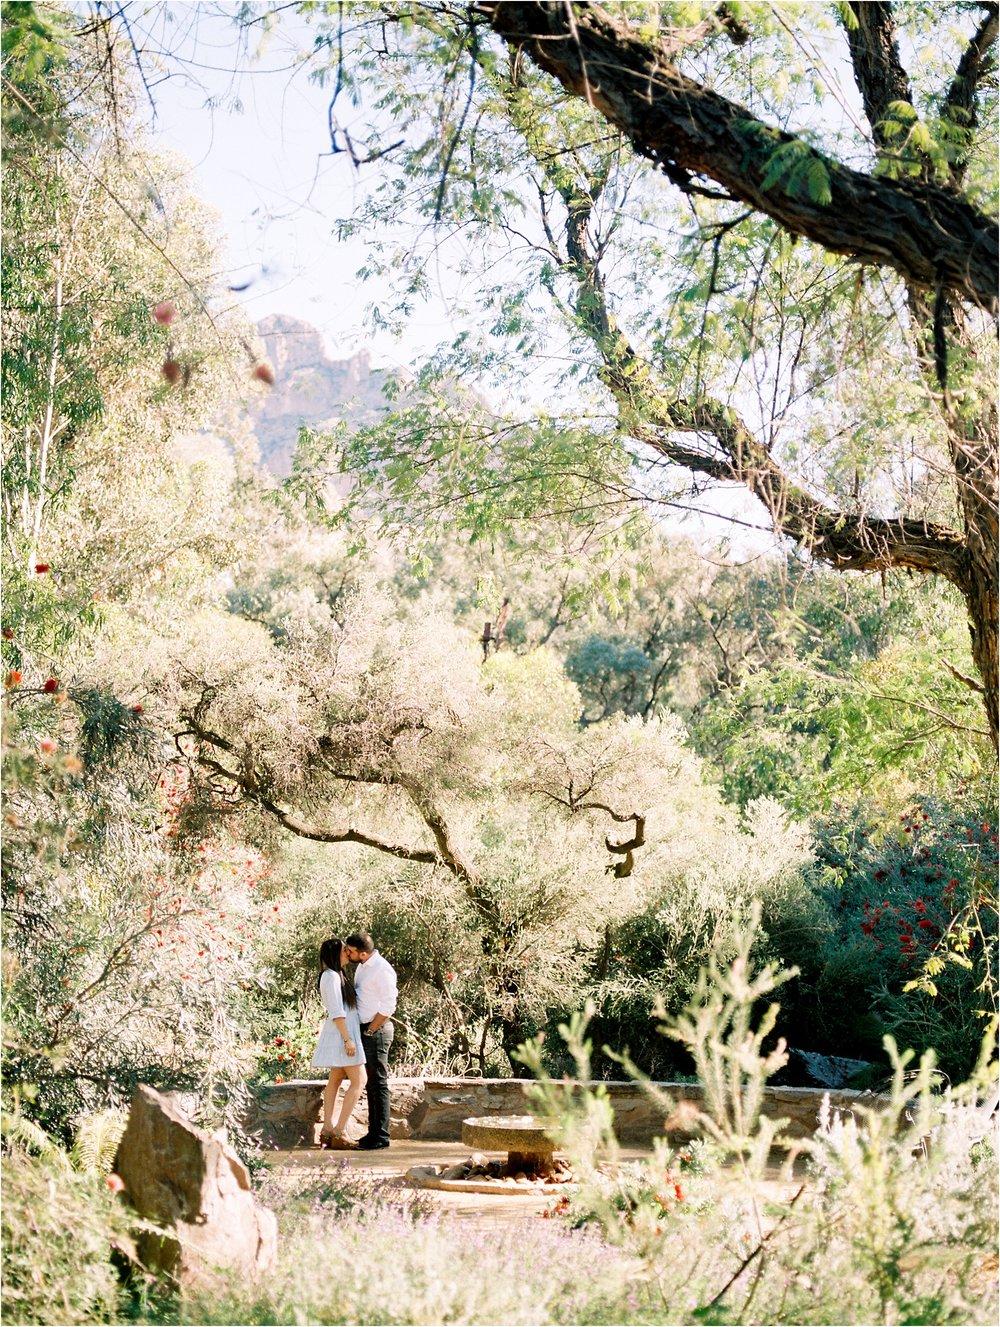 Sarah Jane Photography Film Hybrid Scottsdale Phoenix Arizona Destination Wedding Photographer Denise and Chase Engagement_0015.jpg